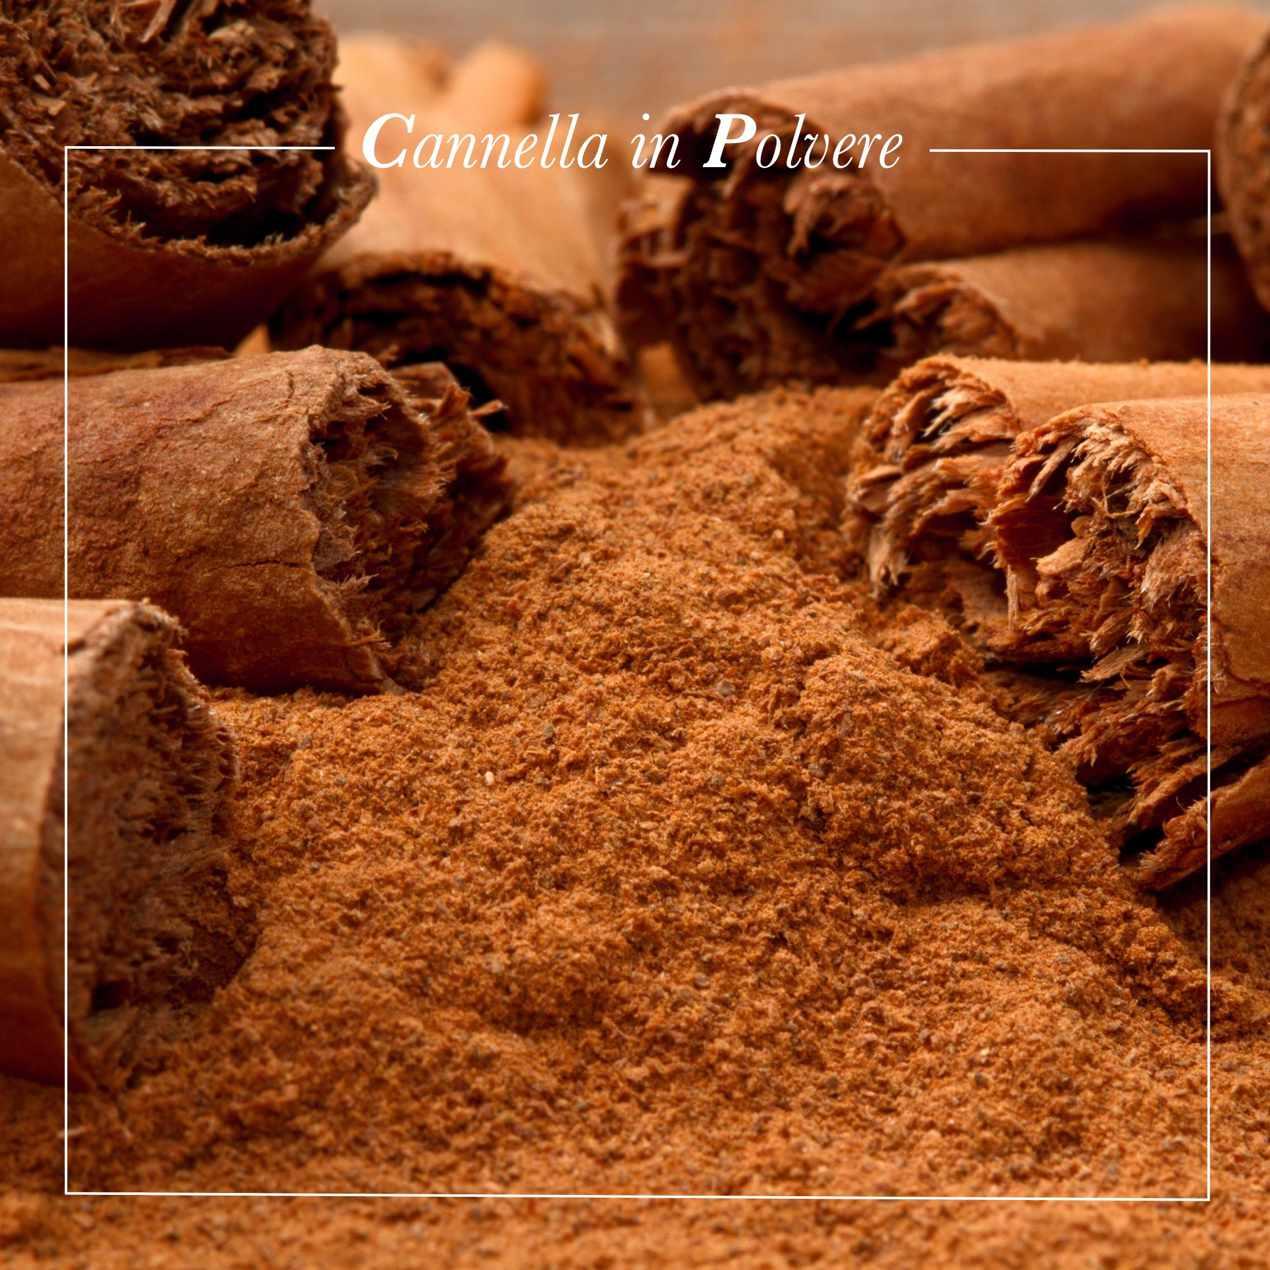 Powdered Cinnamon Cannella in polvere: le migliori spezie shop online su FruttaWeb Acquista online